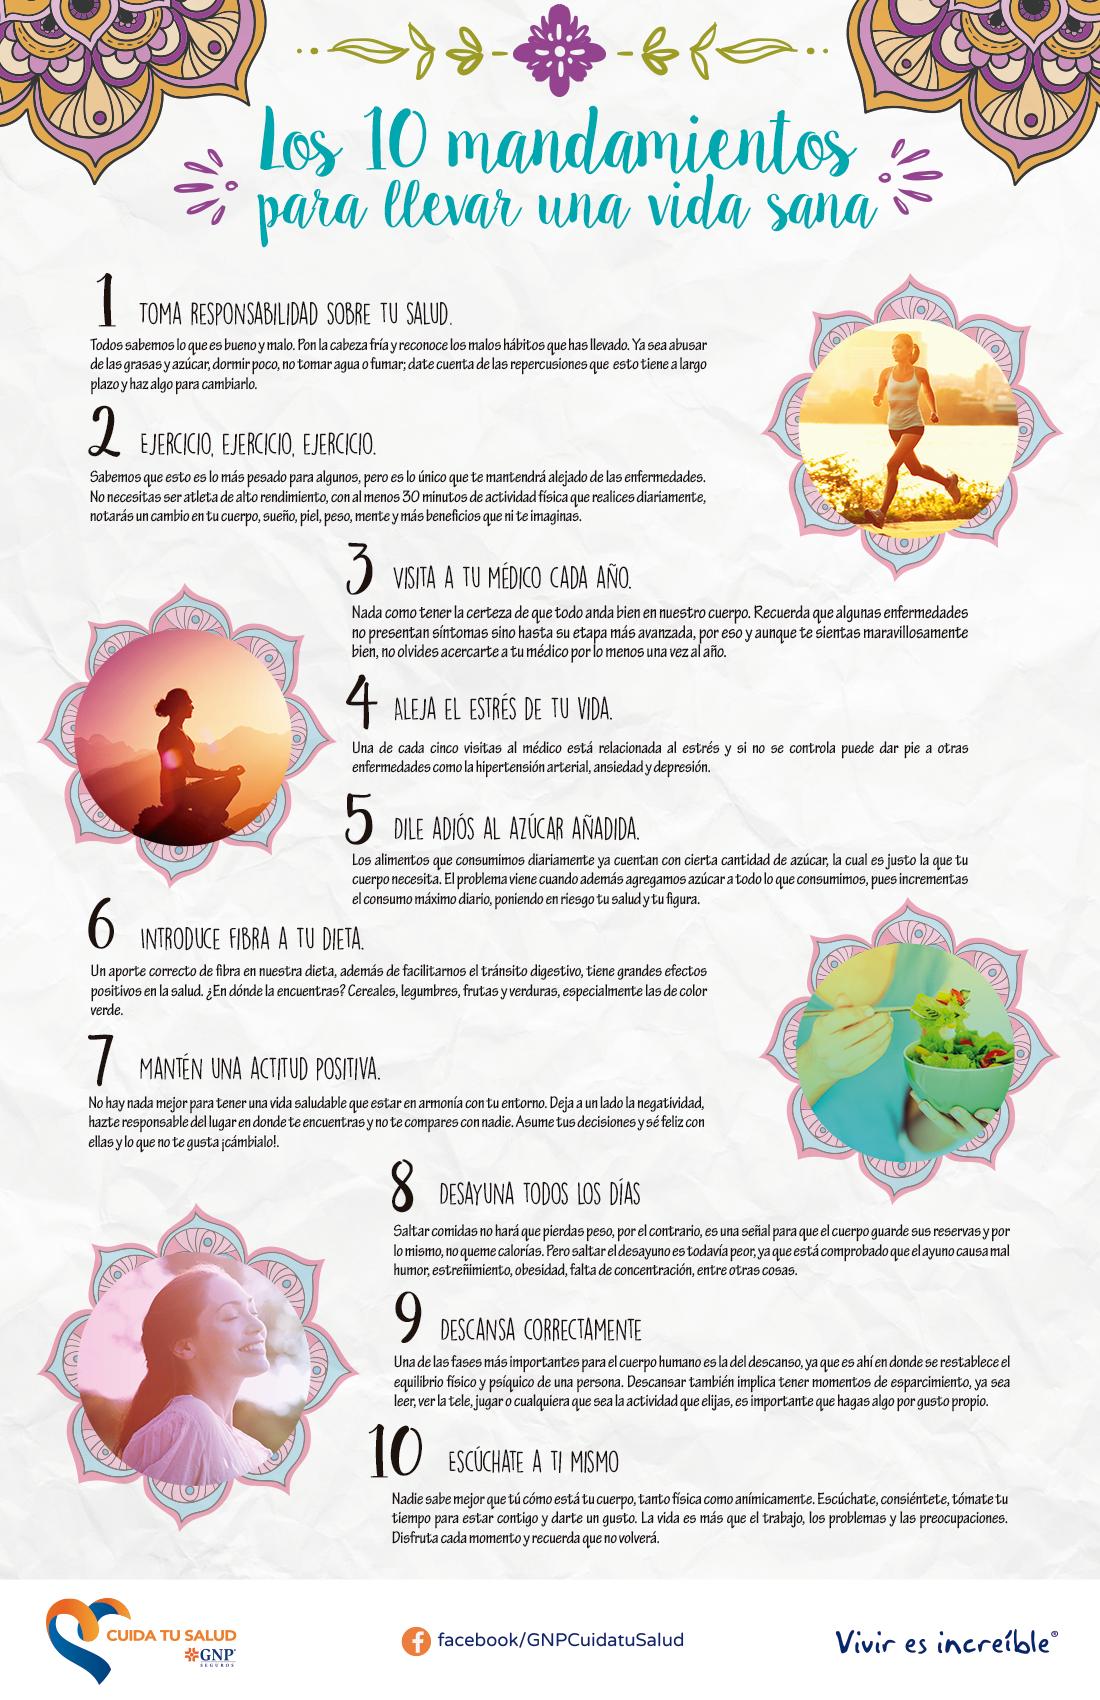 10 mandamientos para llevar una vida sana